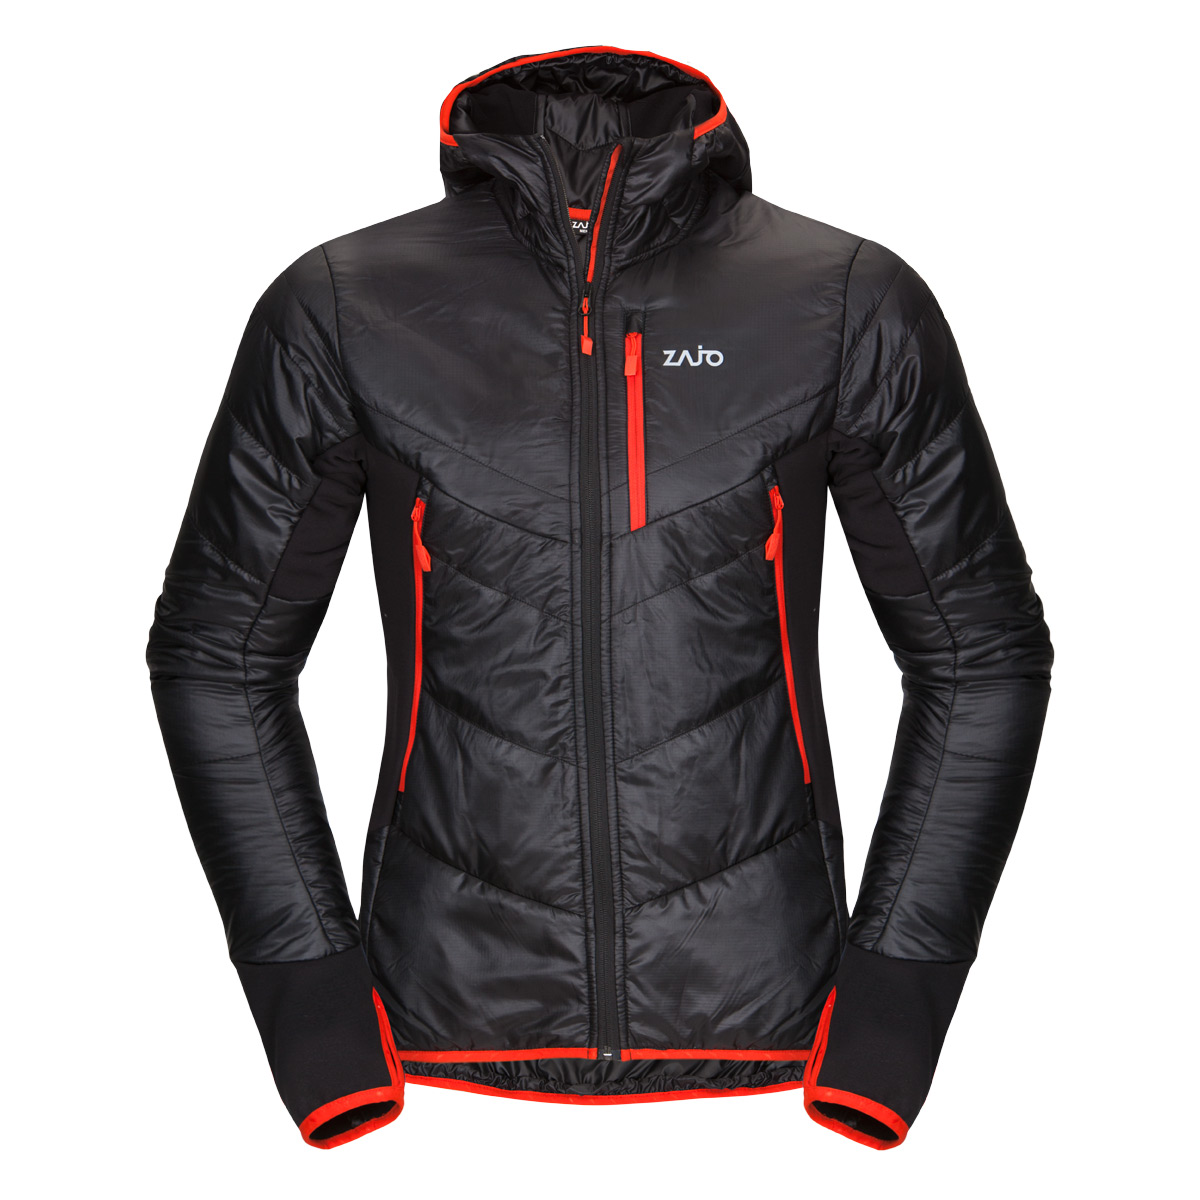 Pánska bunda Zajo Arth JKT Black - veľkosť S